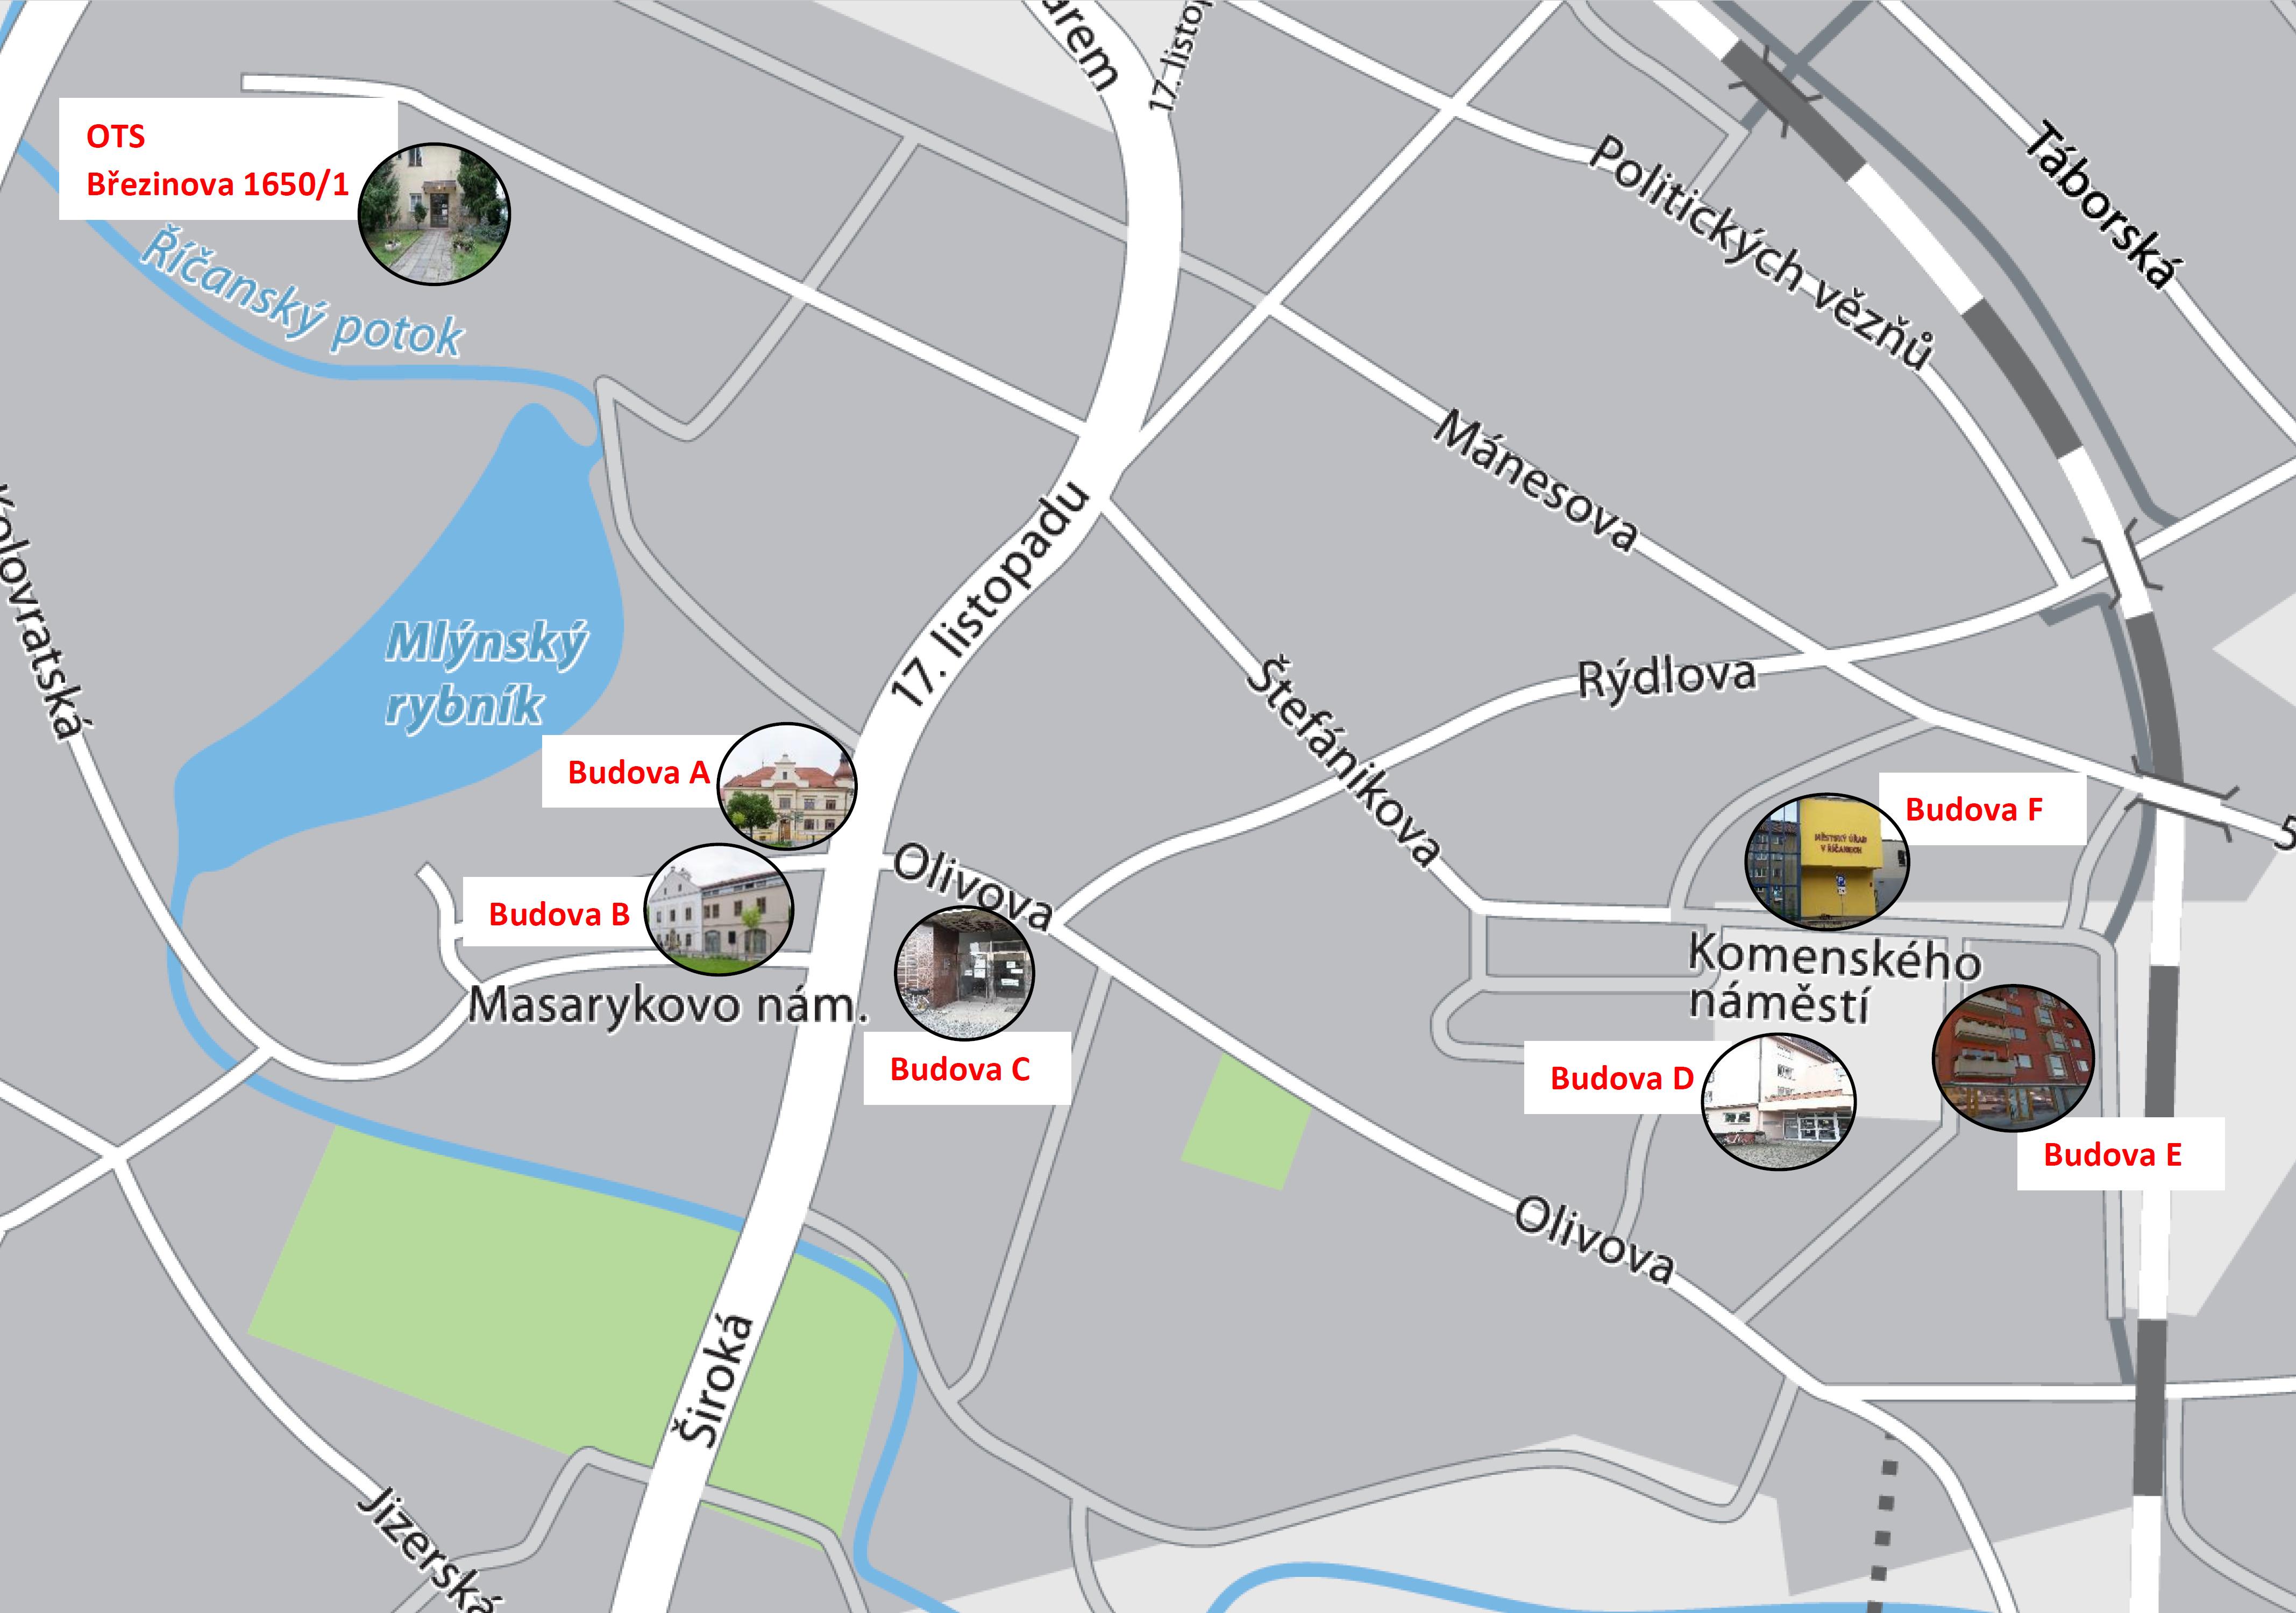 ac418420c12 Umístění budov městského úřadu (pro zvětšení klikněte na obrázek)